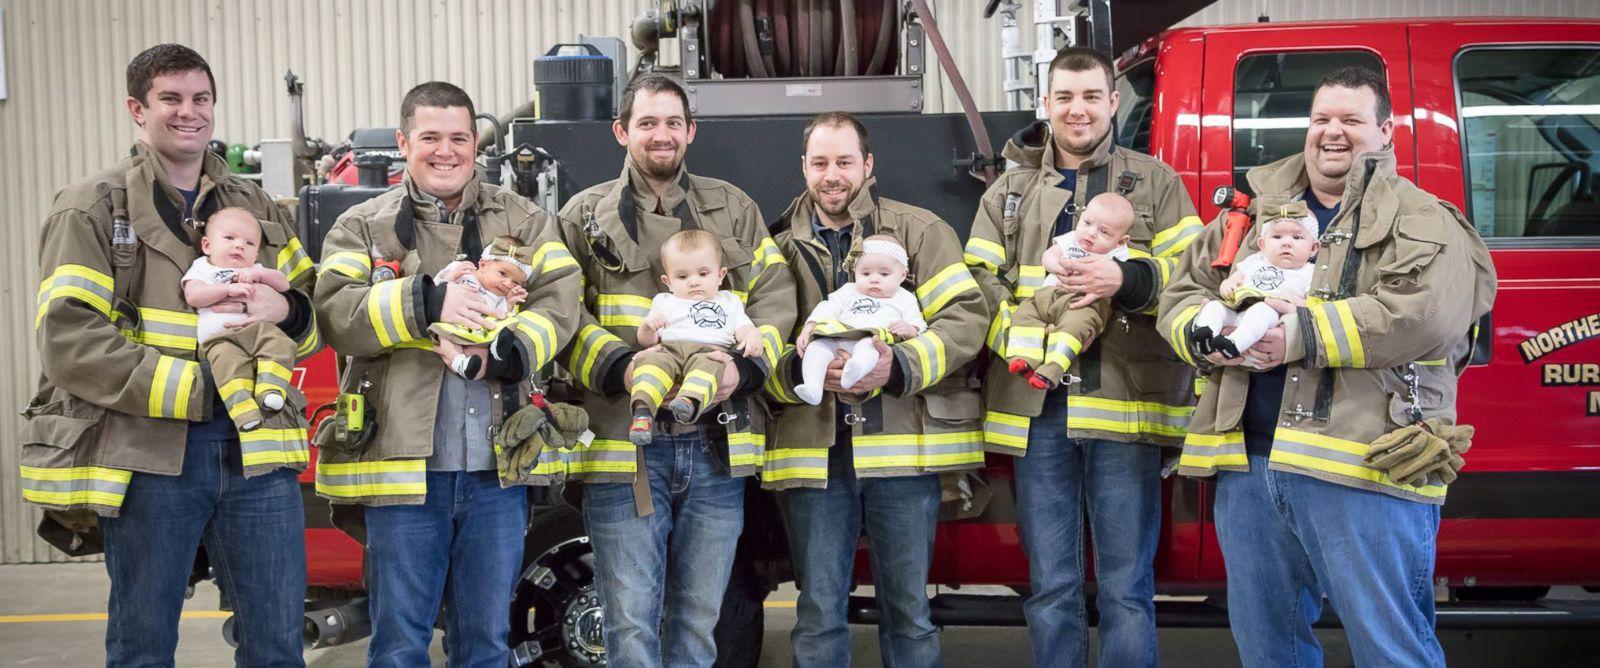 HT-mediapolis-fire-dept-babies-1-jt-170326_12x5_1600